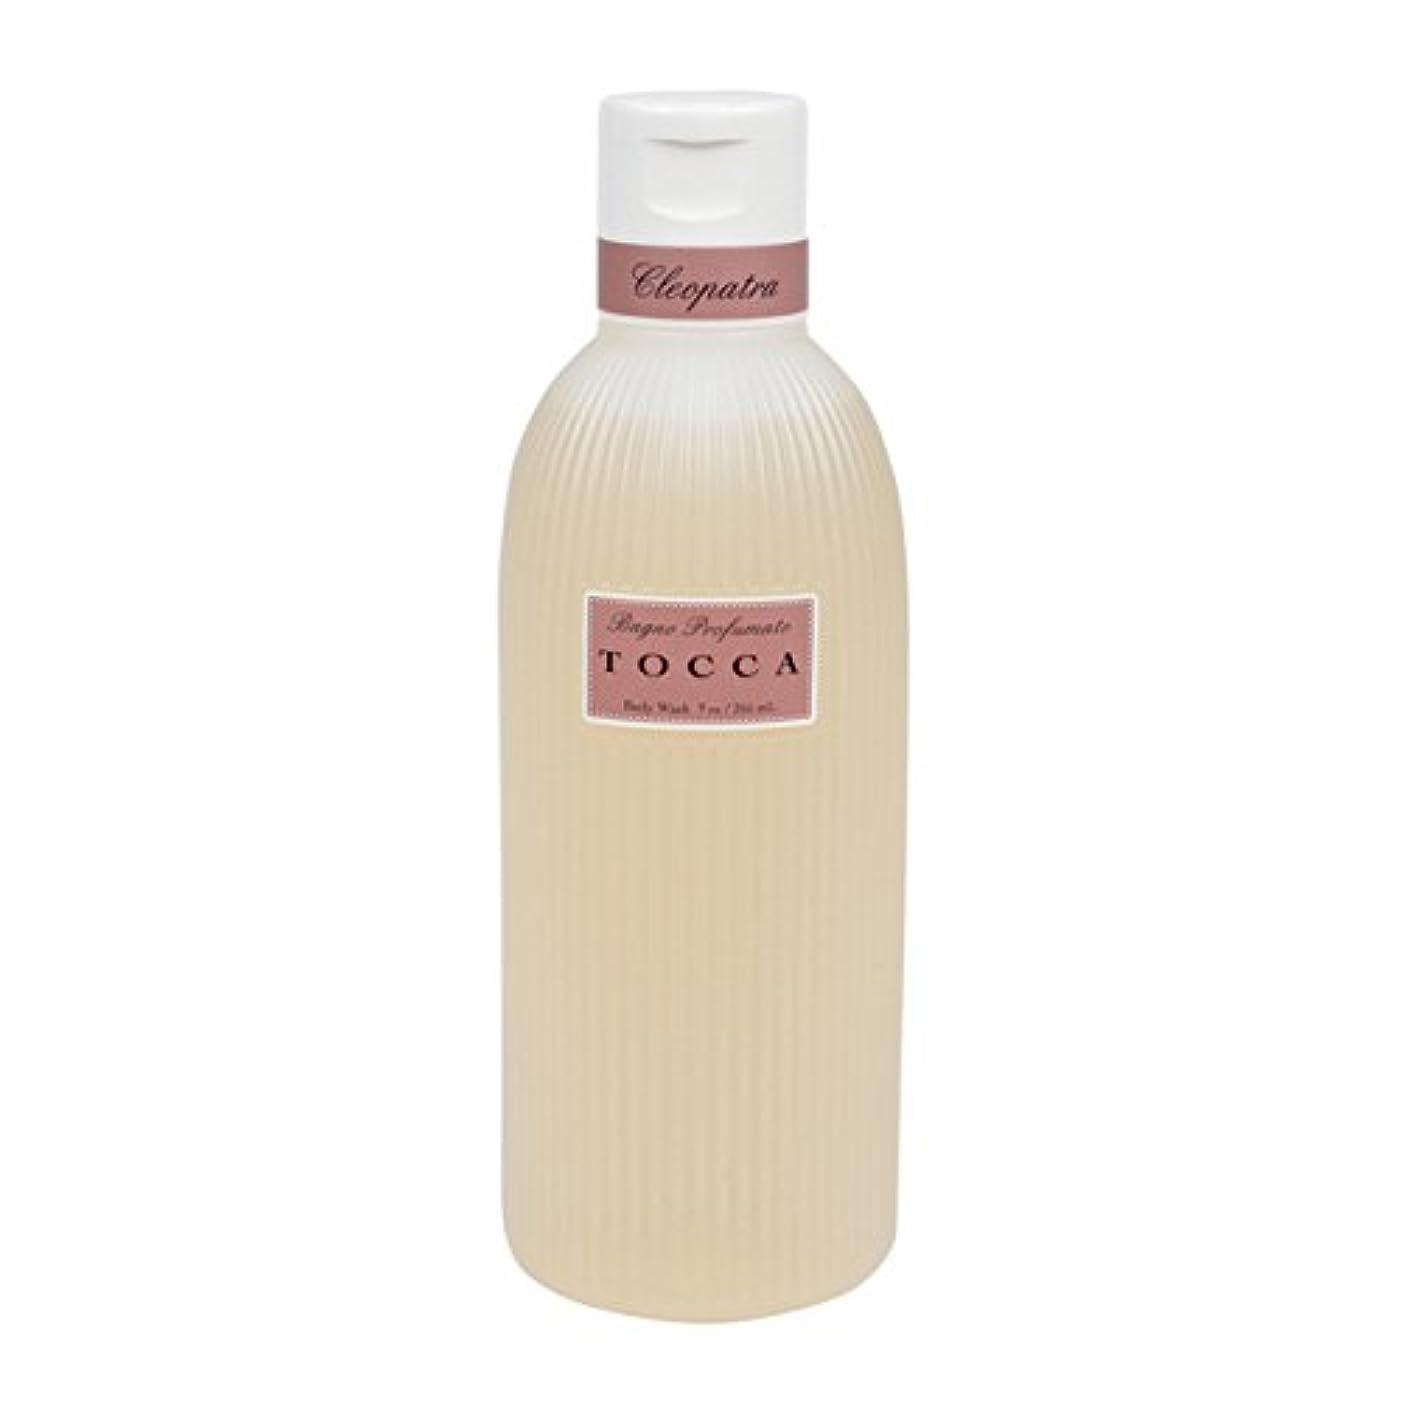 一貫性のないフィールド伝統トッカ(TOCCA) ボディーケアウォッシュ クレオパトラの香り 266ml(全身用洗浄料 ボディーソープ グレープフルーツとキューカンバーのフレッシュでクリーンな香り)